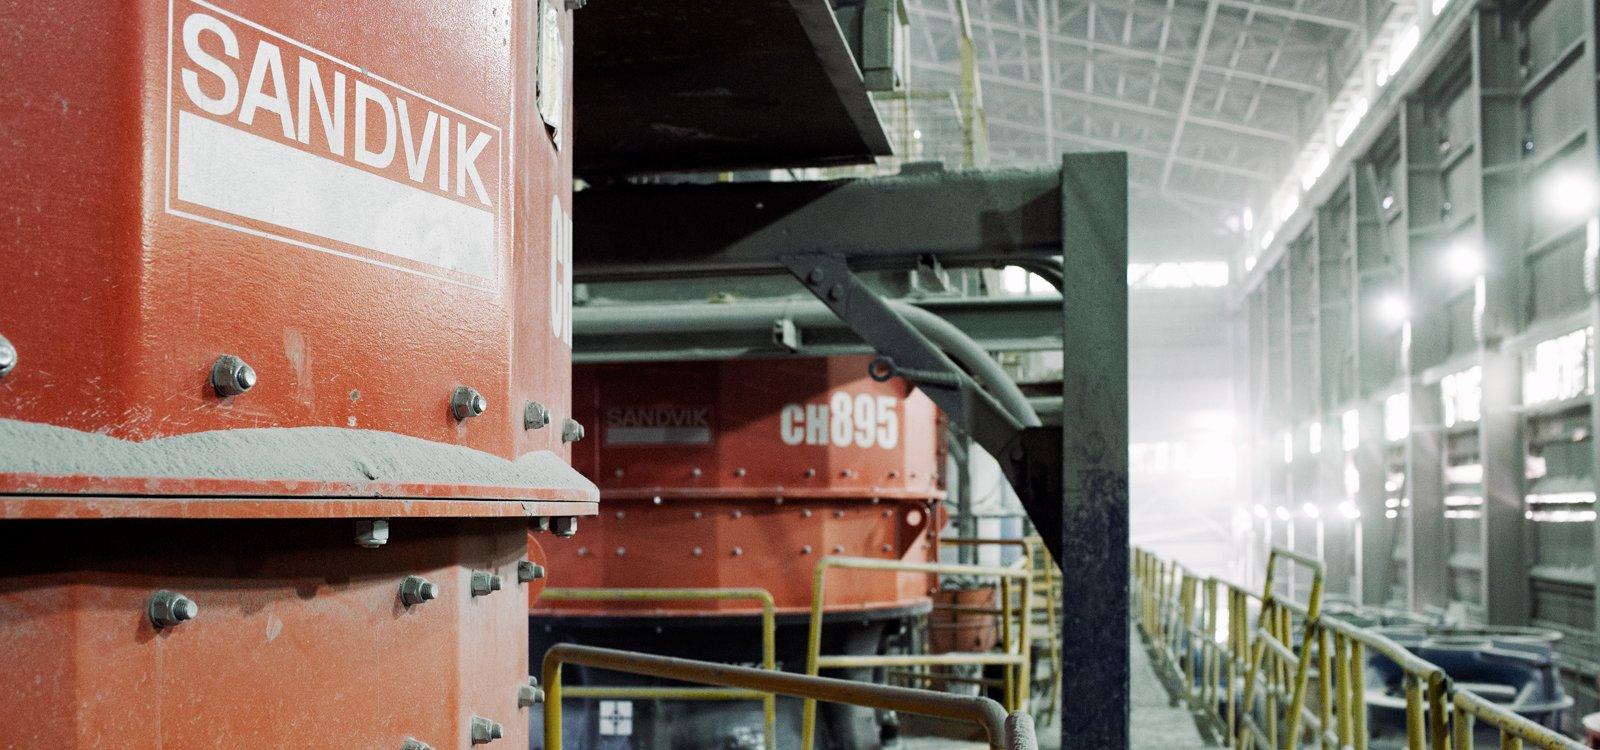 El Teniente adquirió una trituradora Sandvik CH895 de prueba y luego dos más para reemplazar a las Sandvik H8800 que trabajaban en la planta terciaria.